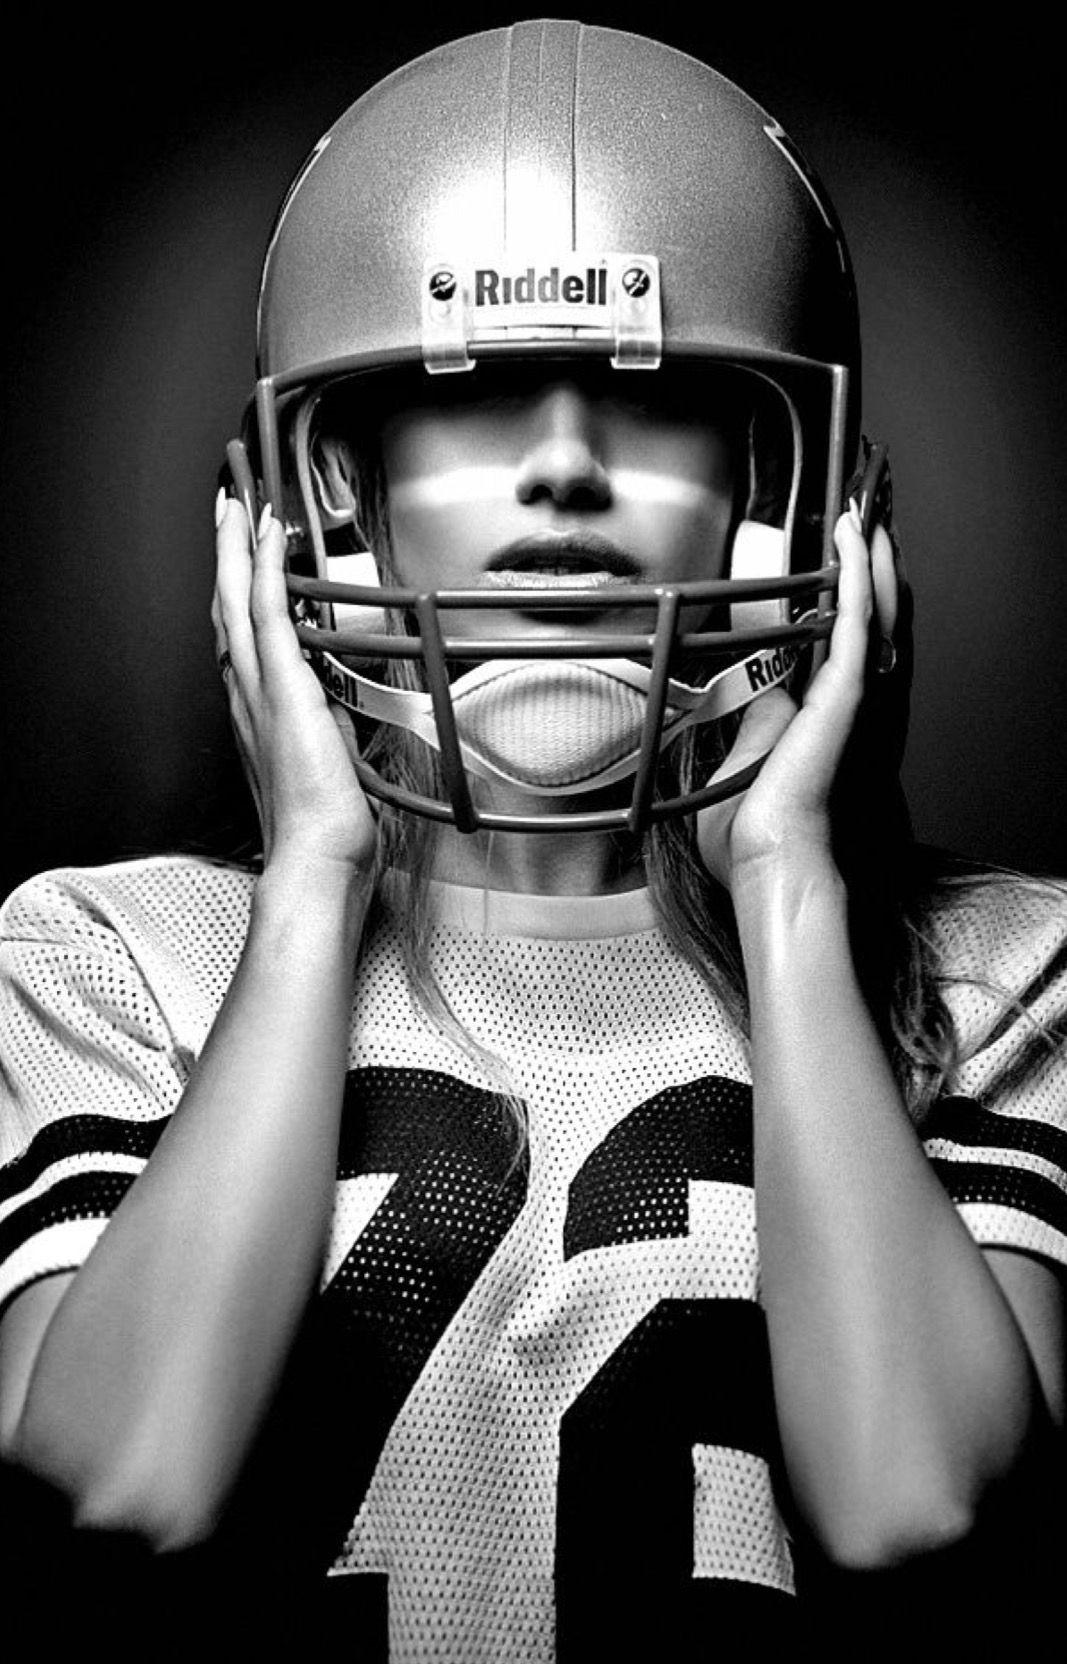 pingl par emma dumond sur illustration football americain femme football et femme. Black Bedroom Furniture Sets. Home Design Ideas